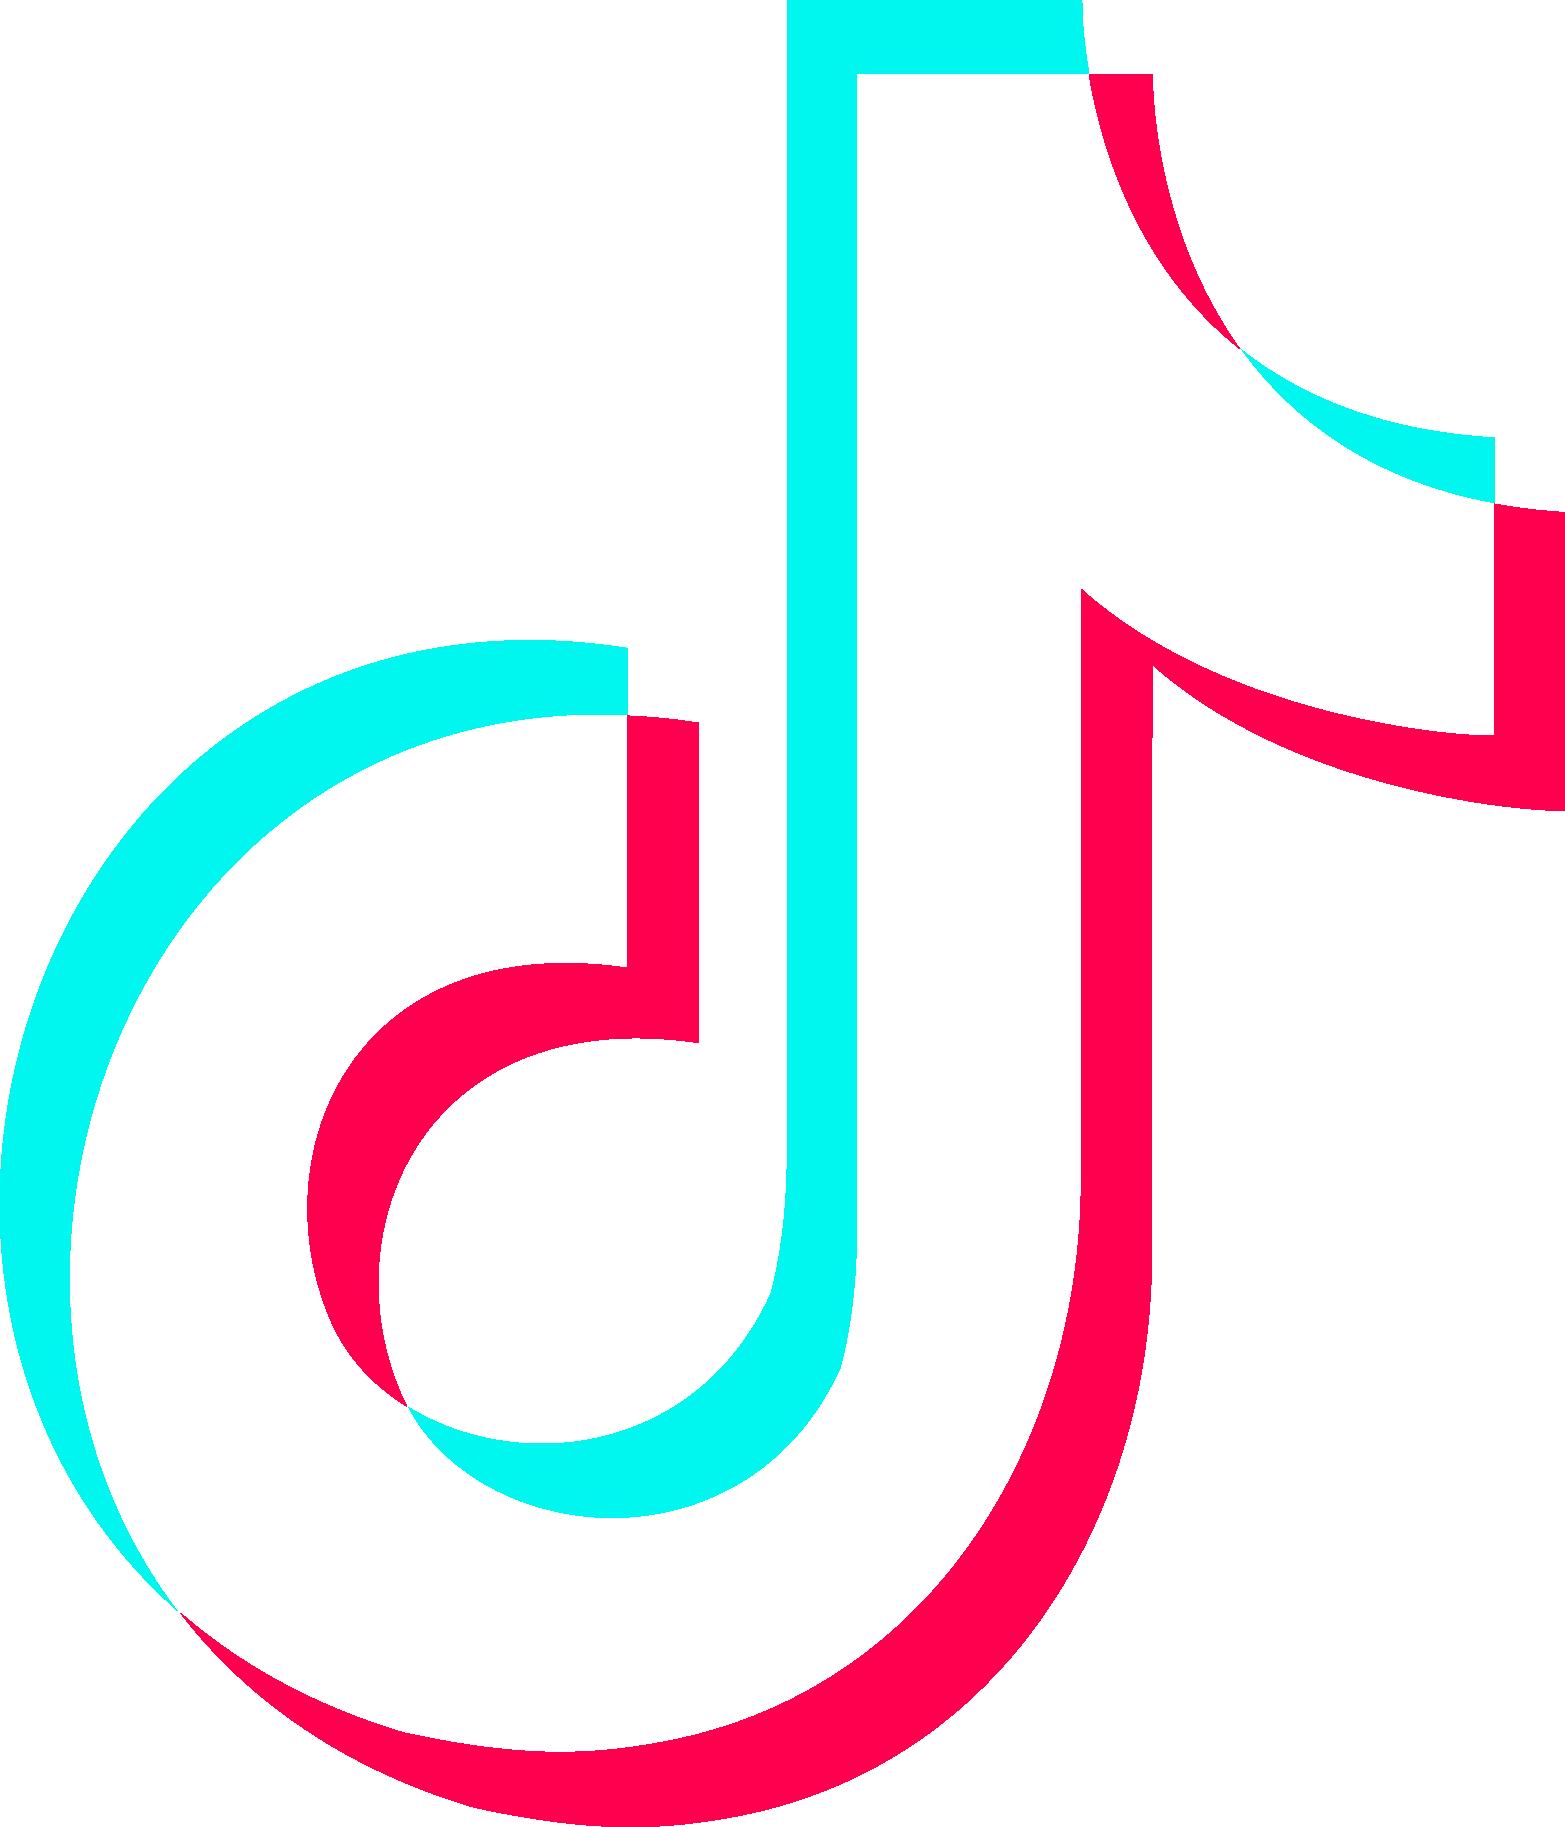 Tik Tok Logo (Musical.ly) image | Tok, Cute emoji ... - Red Tik Tok Logo